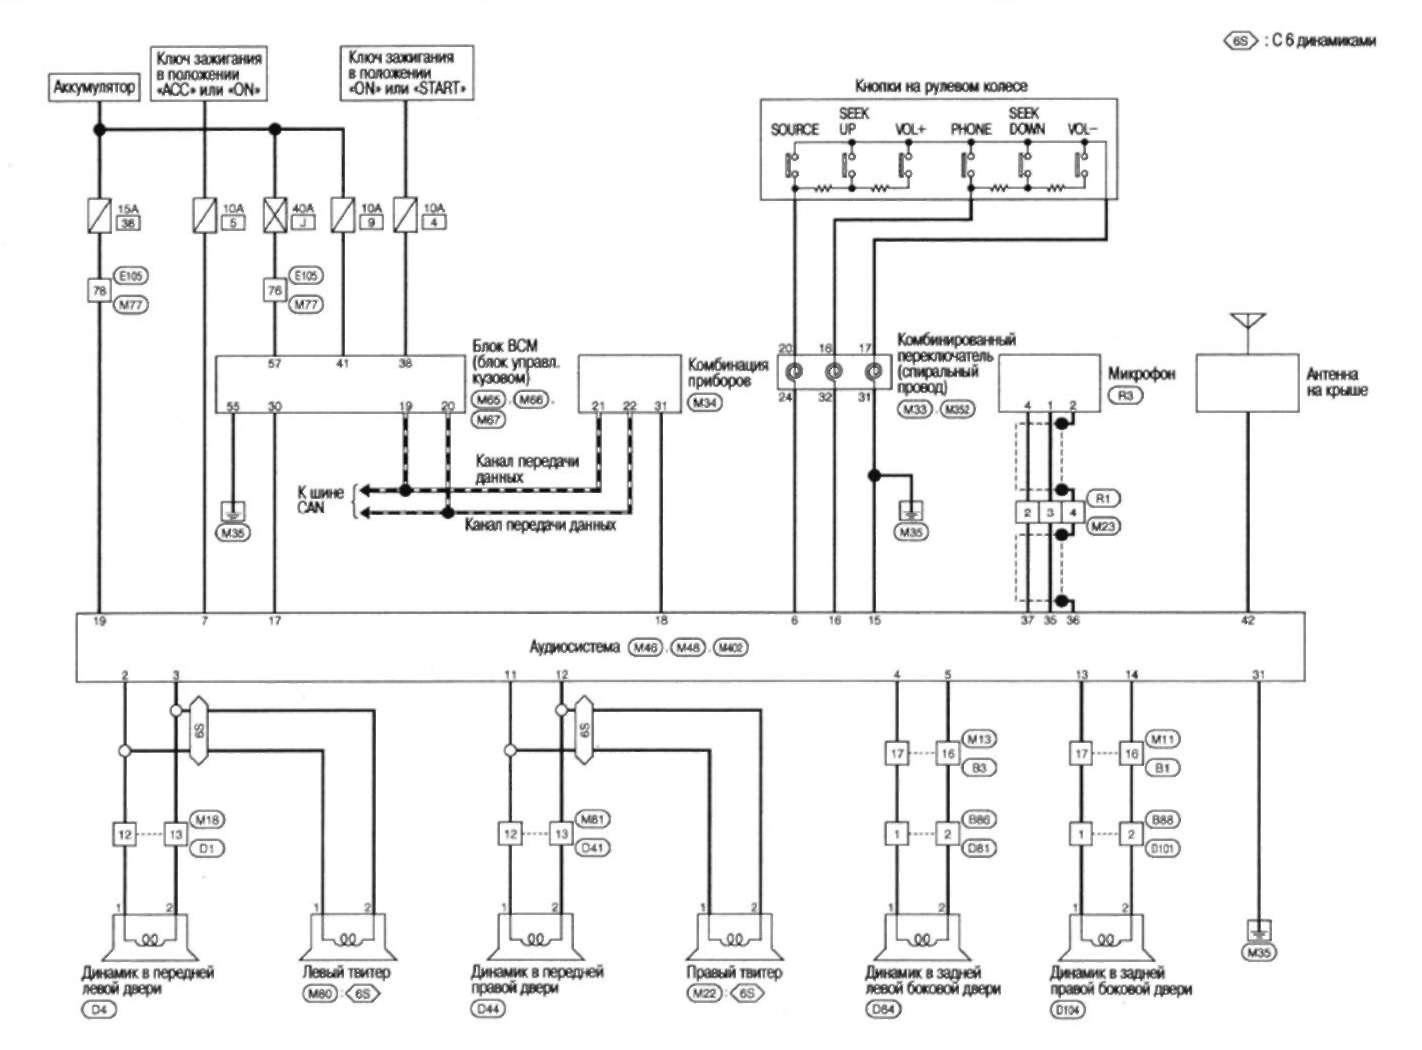 19.7.7 схема электрических соединений - аудиосистем без навигационной системы